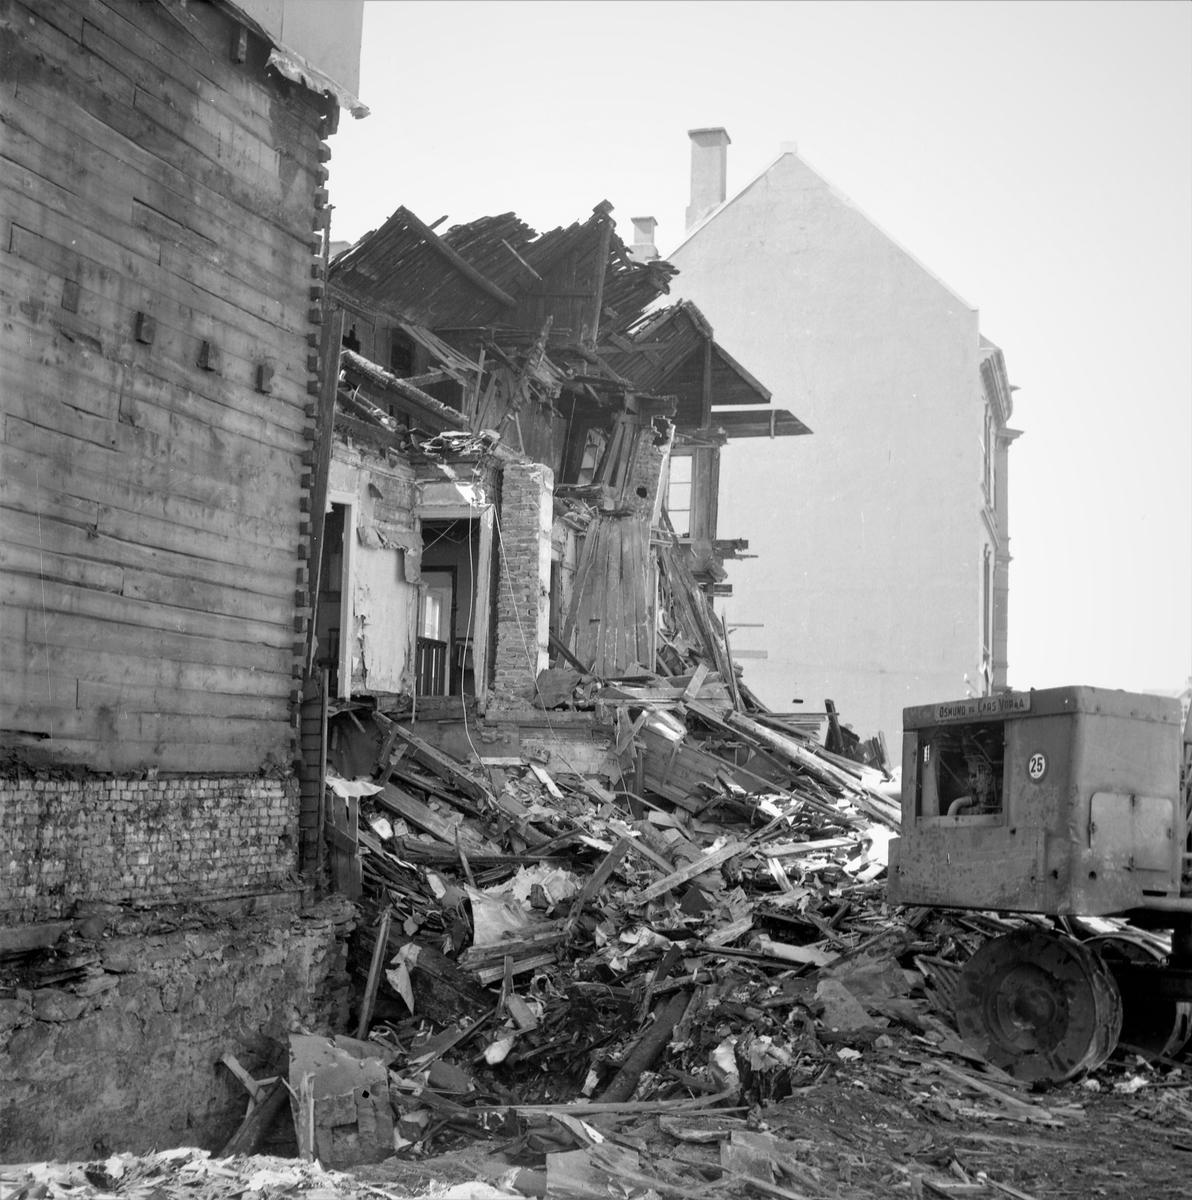 Bybebyggelse. Riving av en bygning i Haugesund sentrum. Bygninger på begge sider. Utsikt til sundet. Gravemaskin i arbeid. Brolagt gate. Bestilt av Skipsreder Amlie